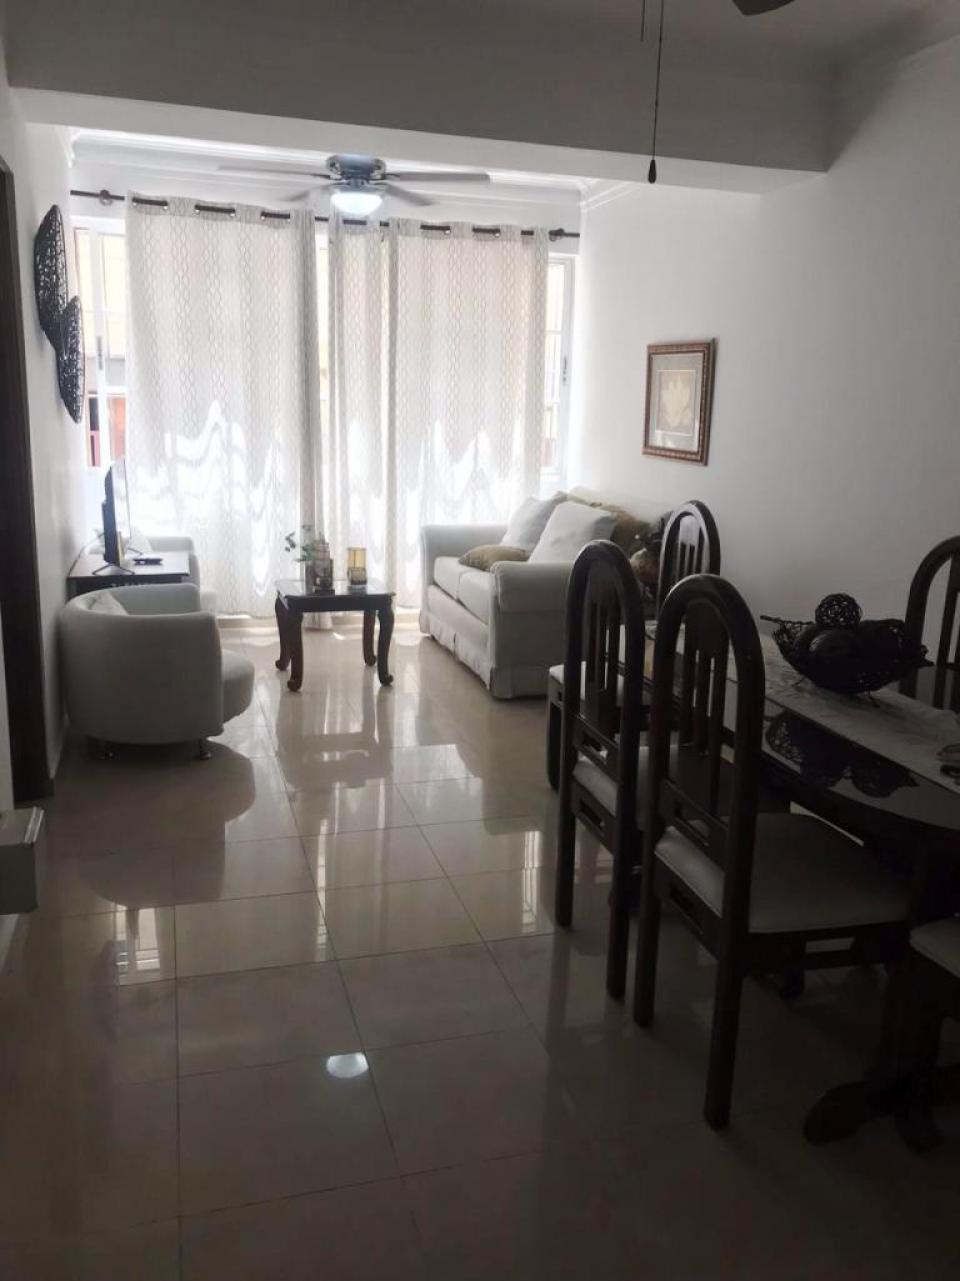 Apartamento en venta en el sector ENSANCHE NACO precio US$ 93,500.00 US$93,500